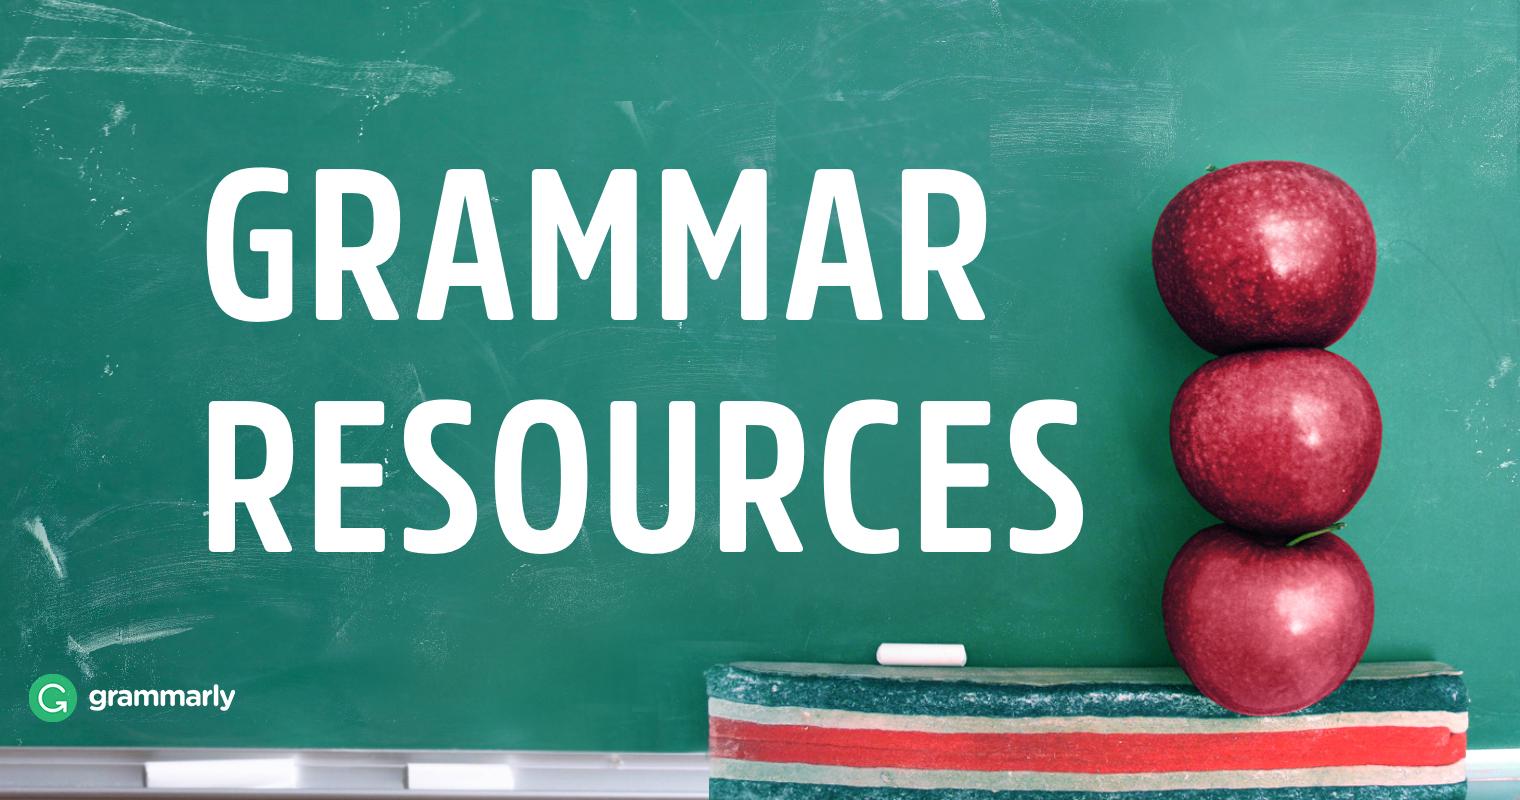 9 Best Grammar Resources for Teachers | Grammarly